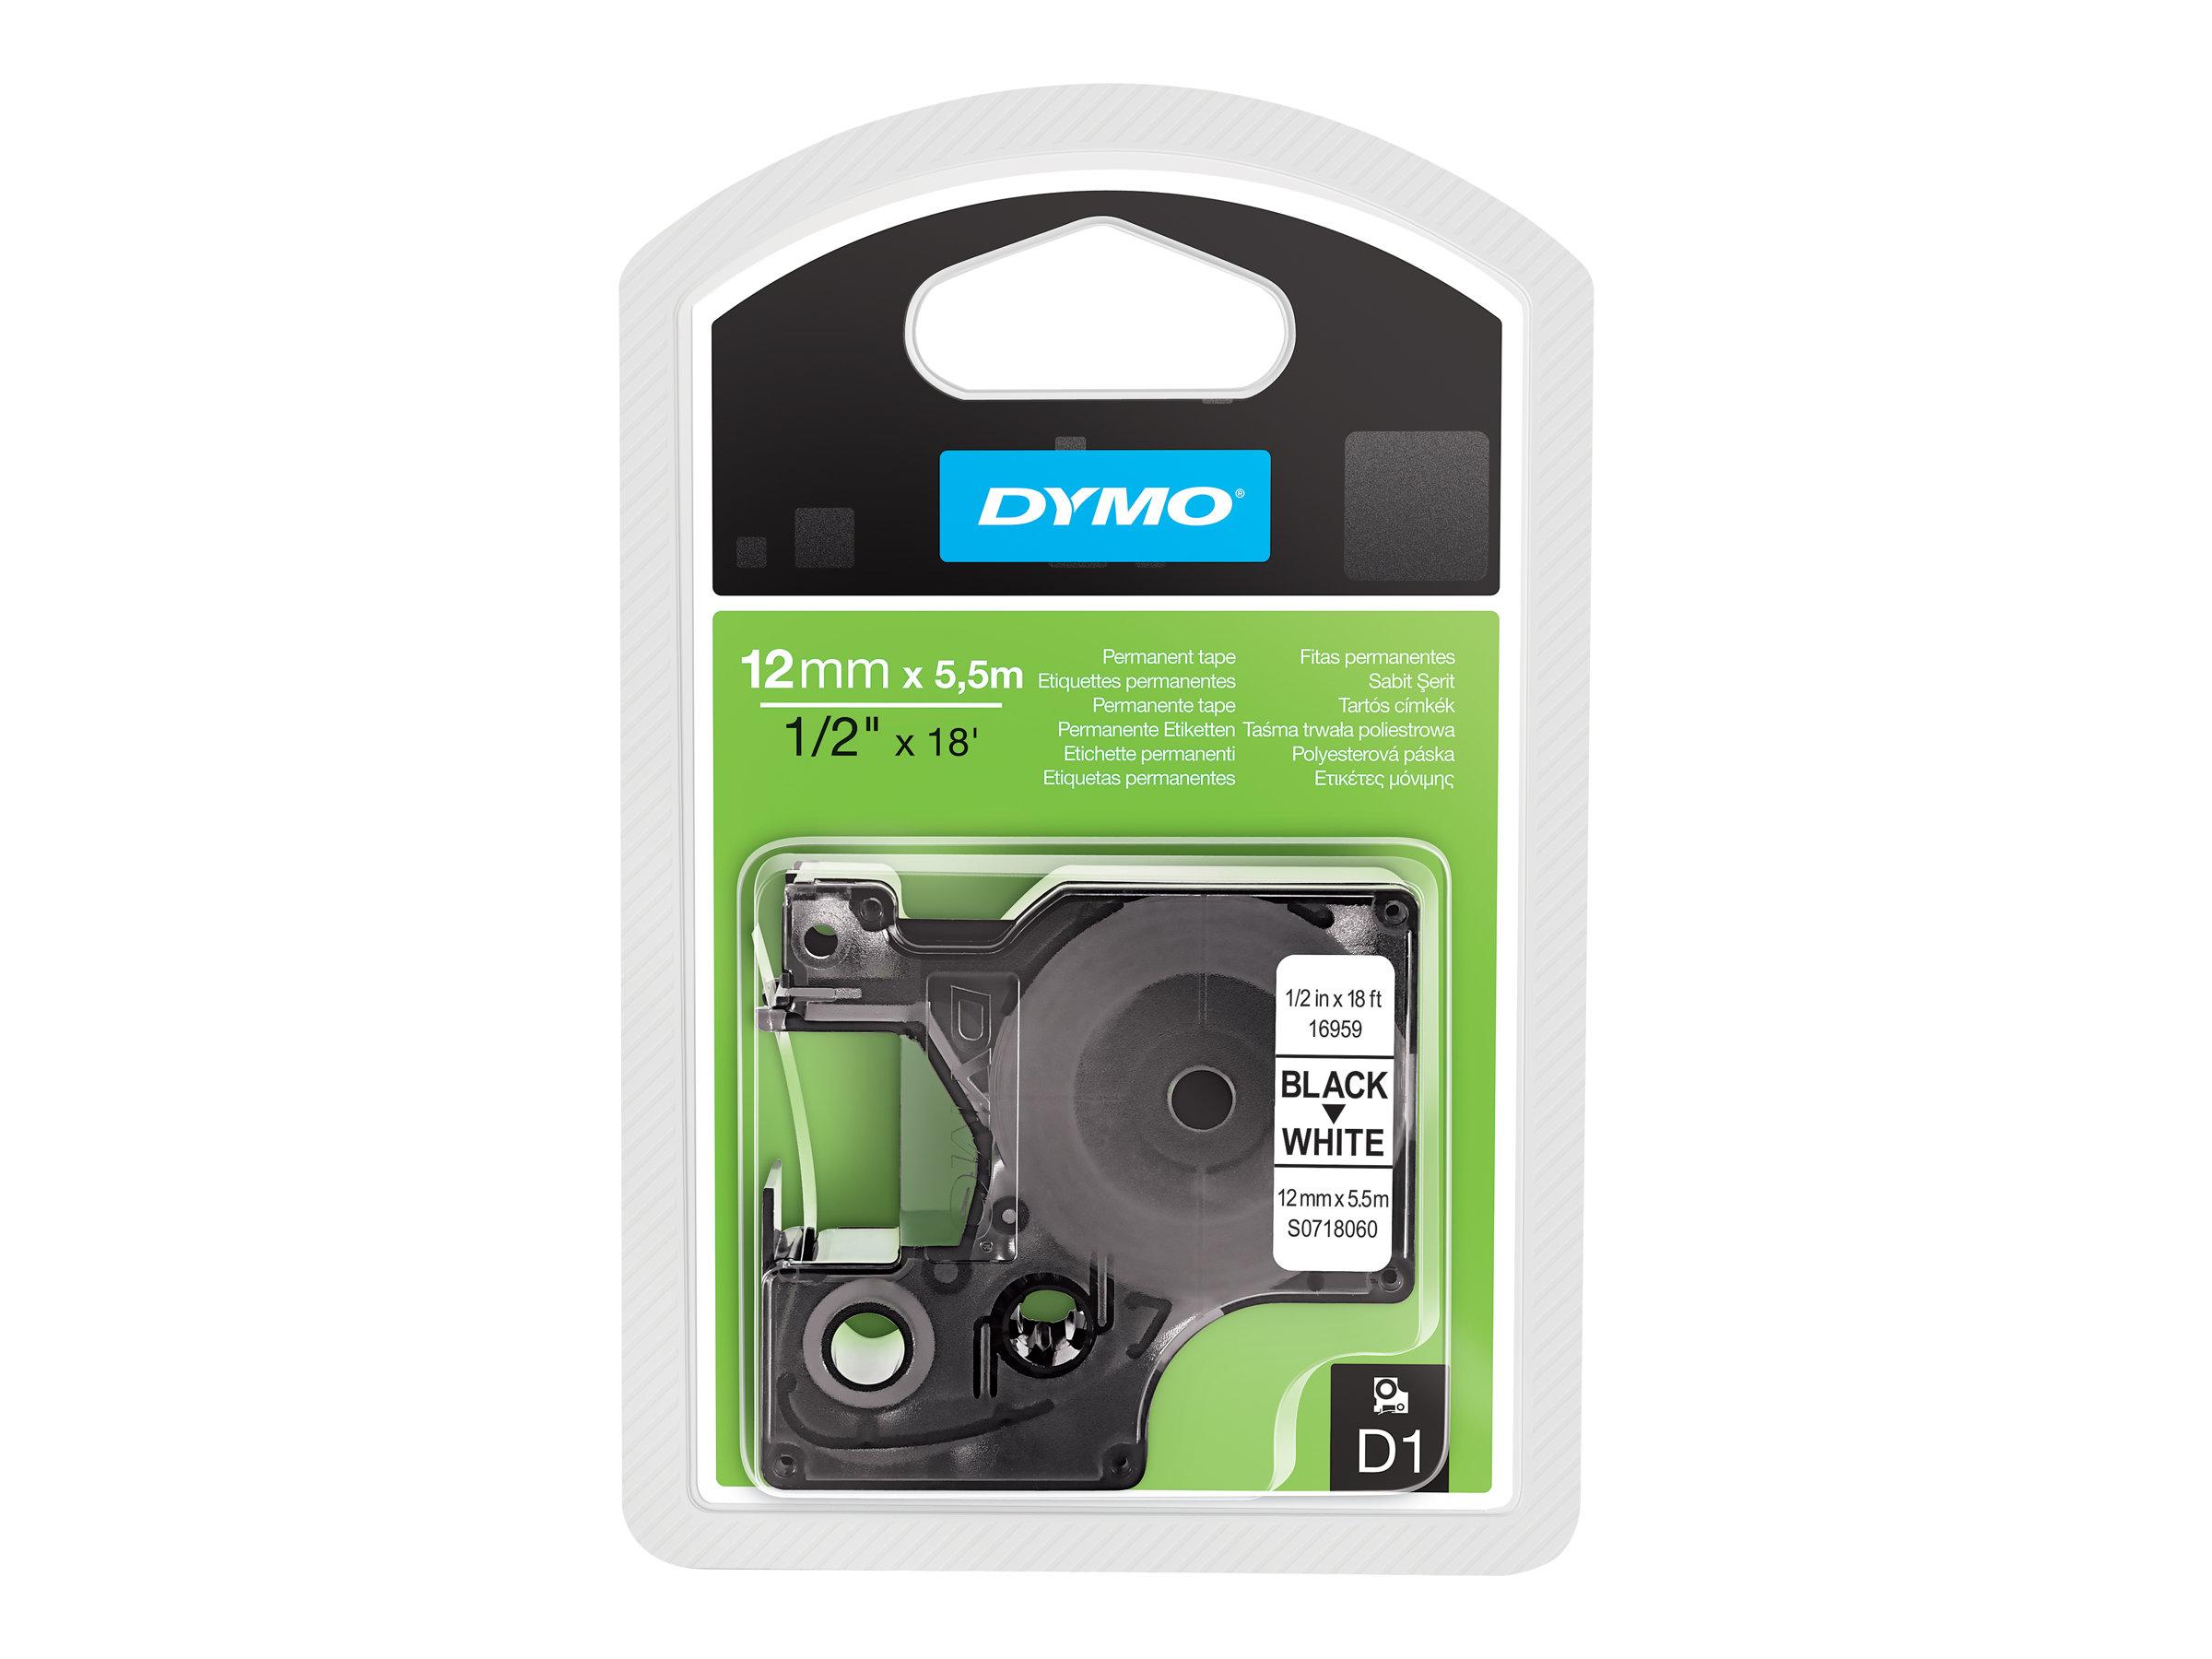 Dymo D1 - Polyester - permanenter Klebstoff - Schwarz auf Weiß - Rolle (1,2 cm x 5,5 m)